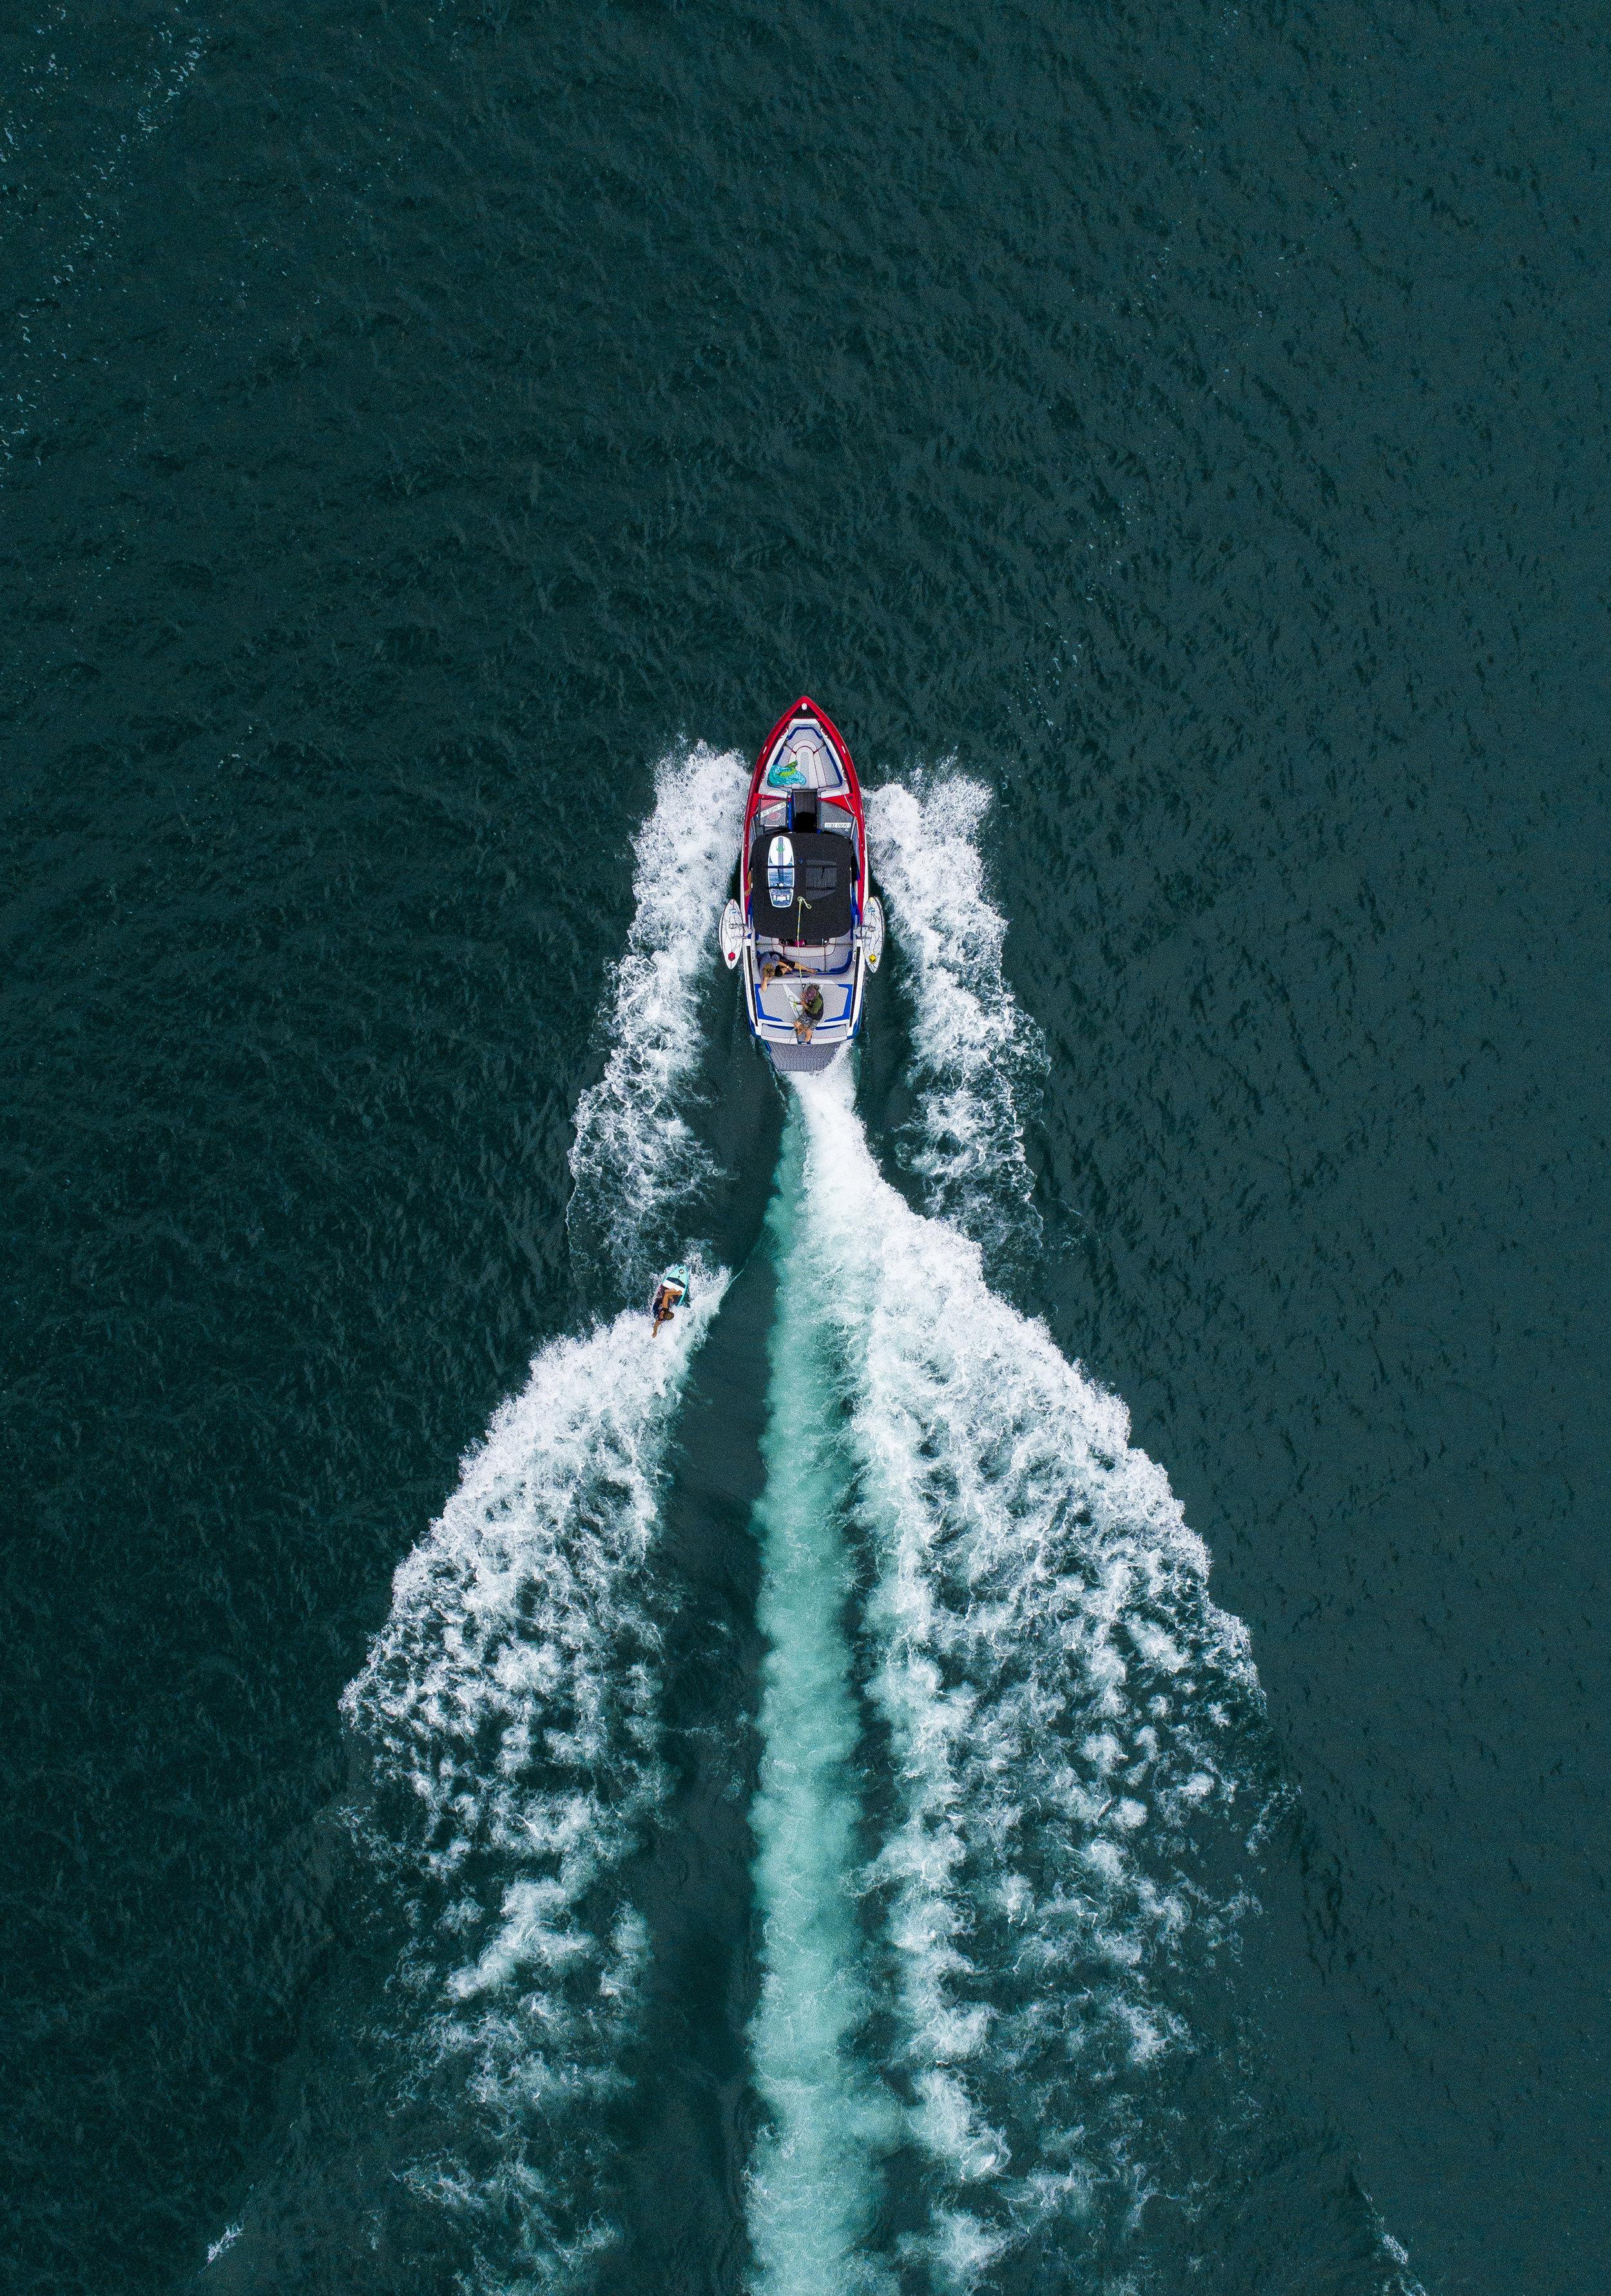 Wakesurfing on Gull Lake